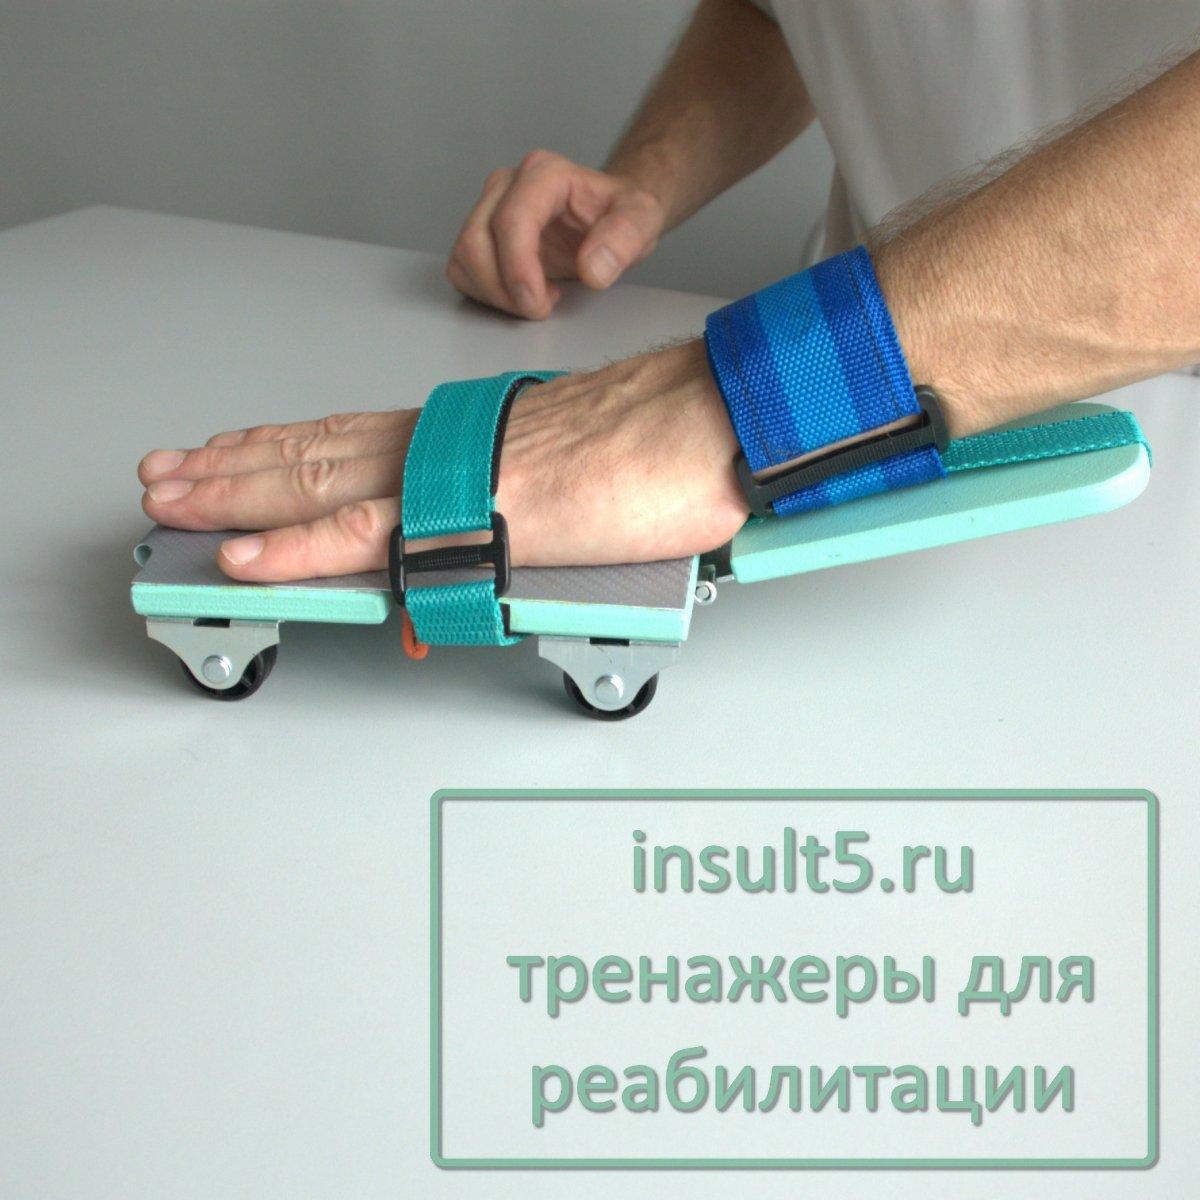 Тренажер своими руками: чертежи тренажера, пошаговые фото 48